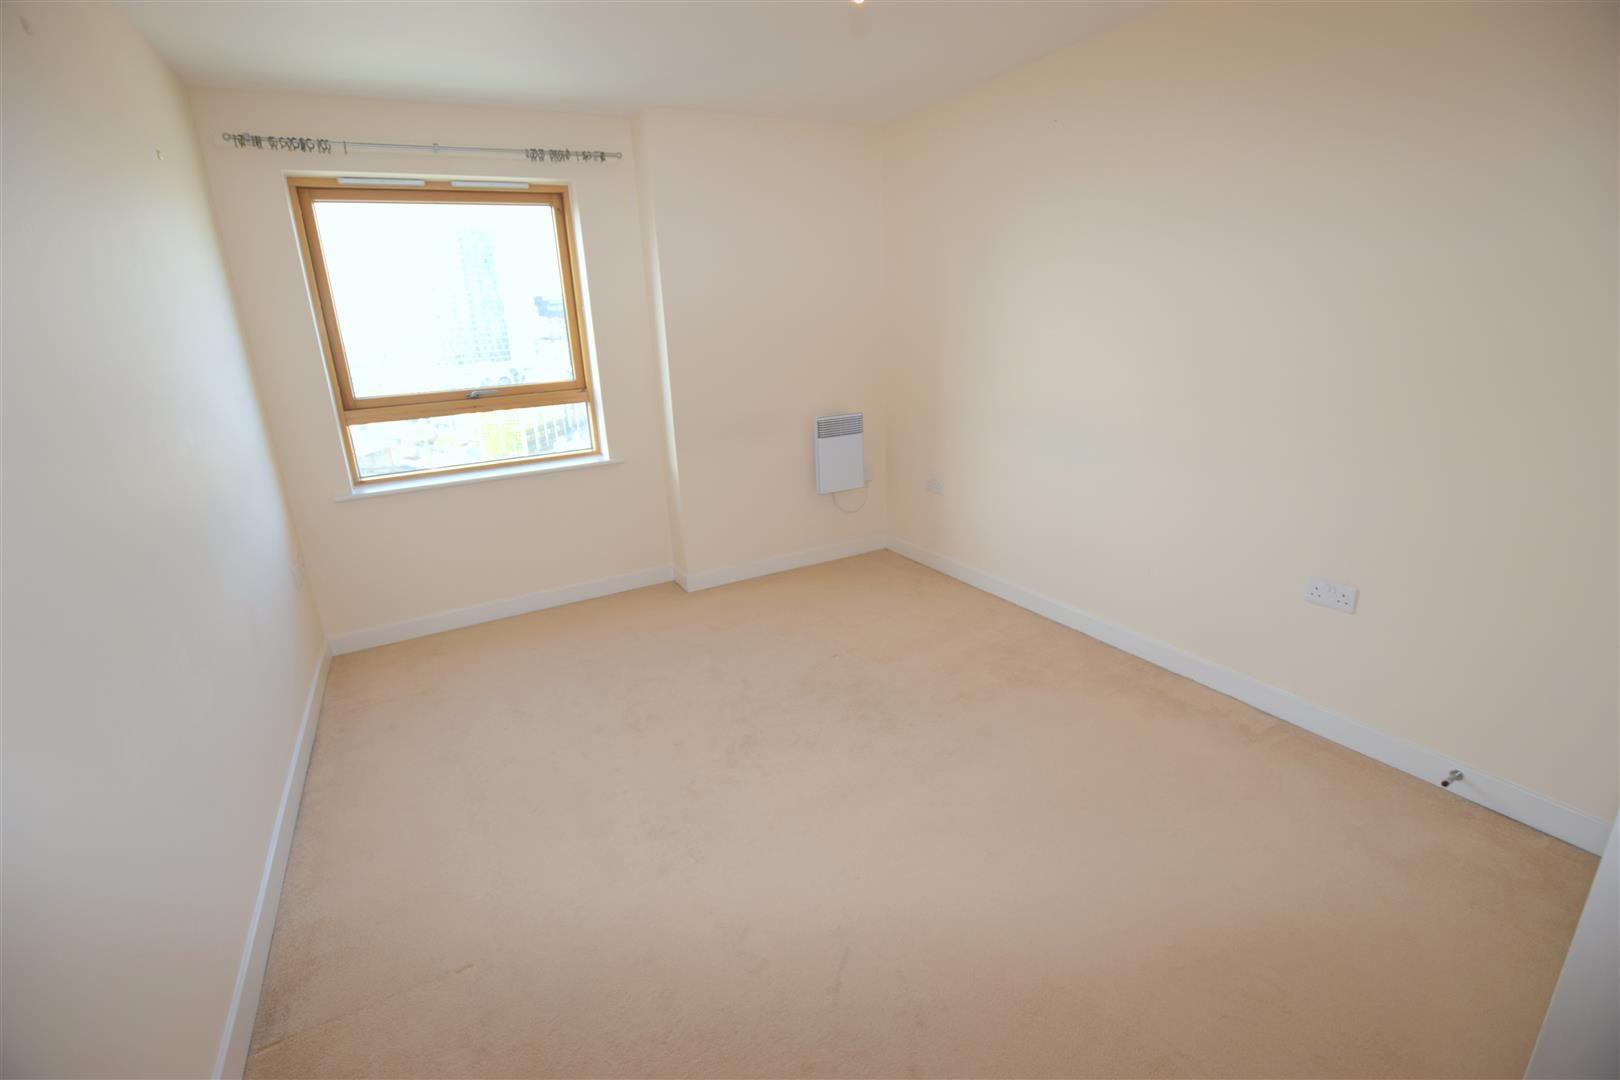 Cam Road Stratford E15 2 bed Type unknown E15 2SL £